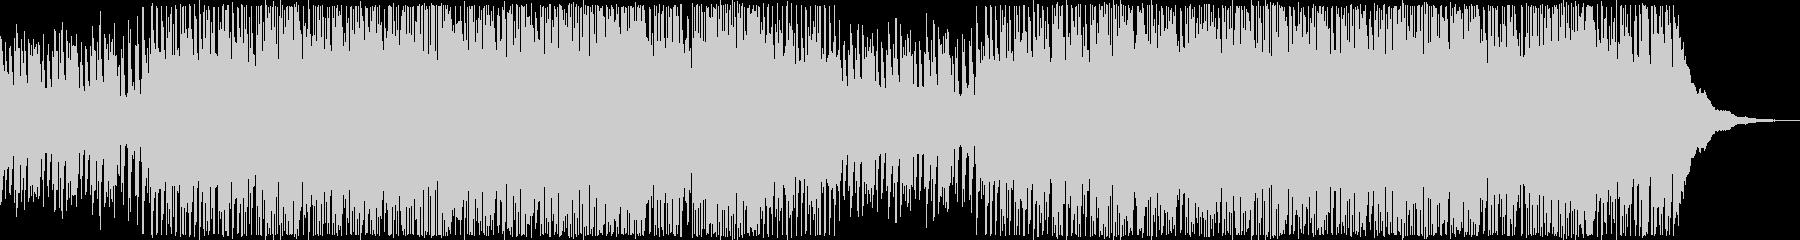 疾走感のあるアコギとピアノのポップロックの未再生の波形